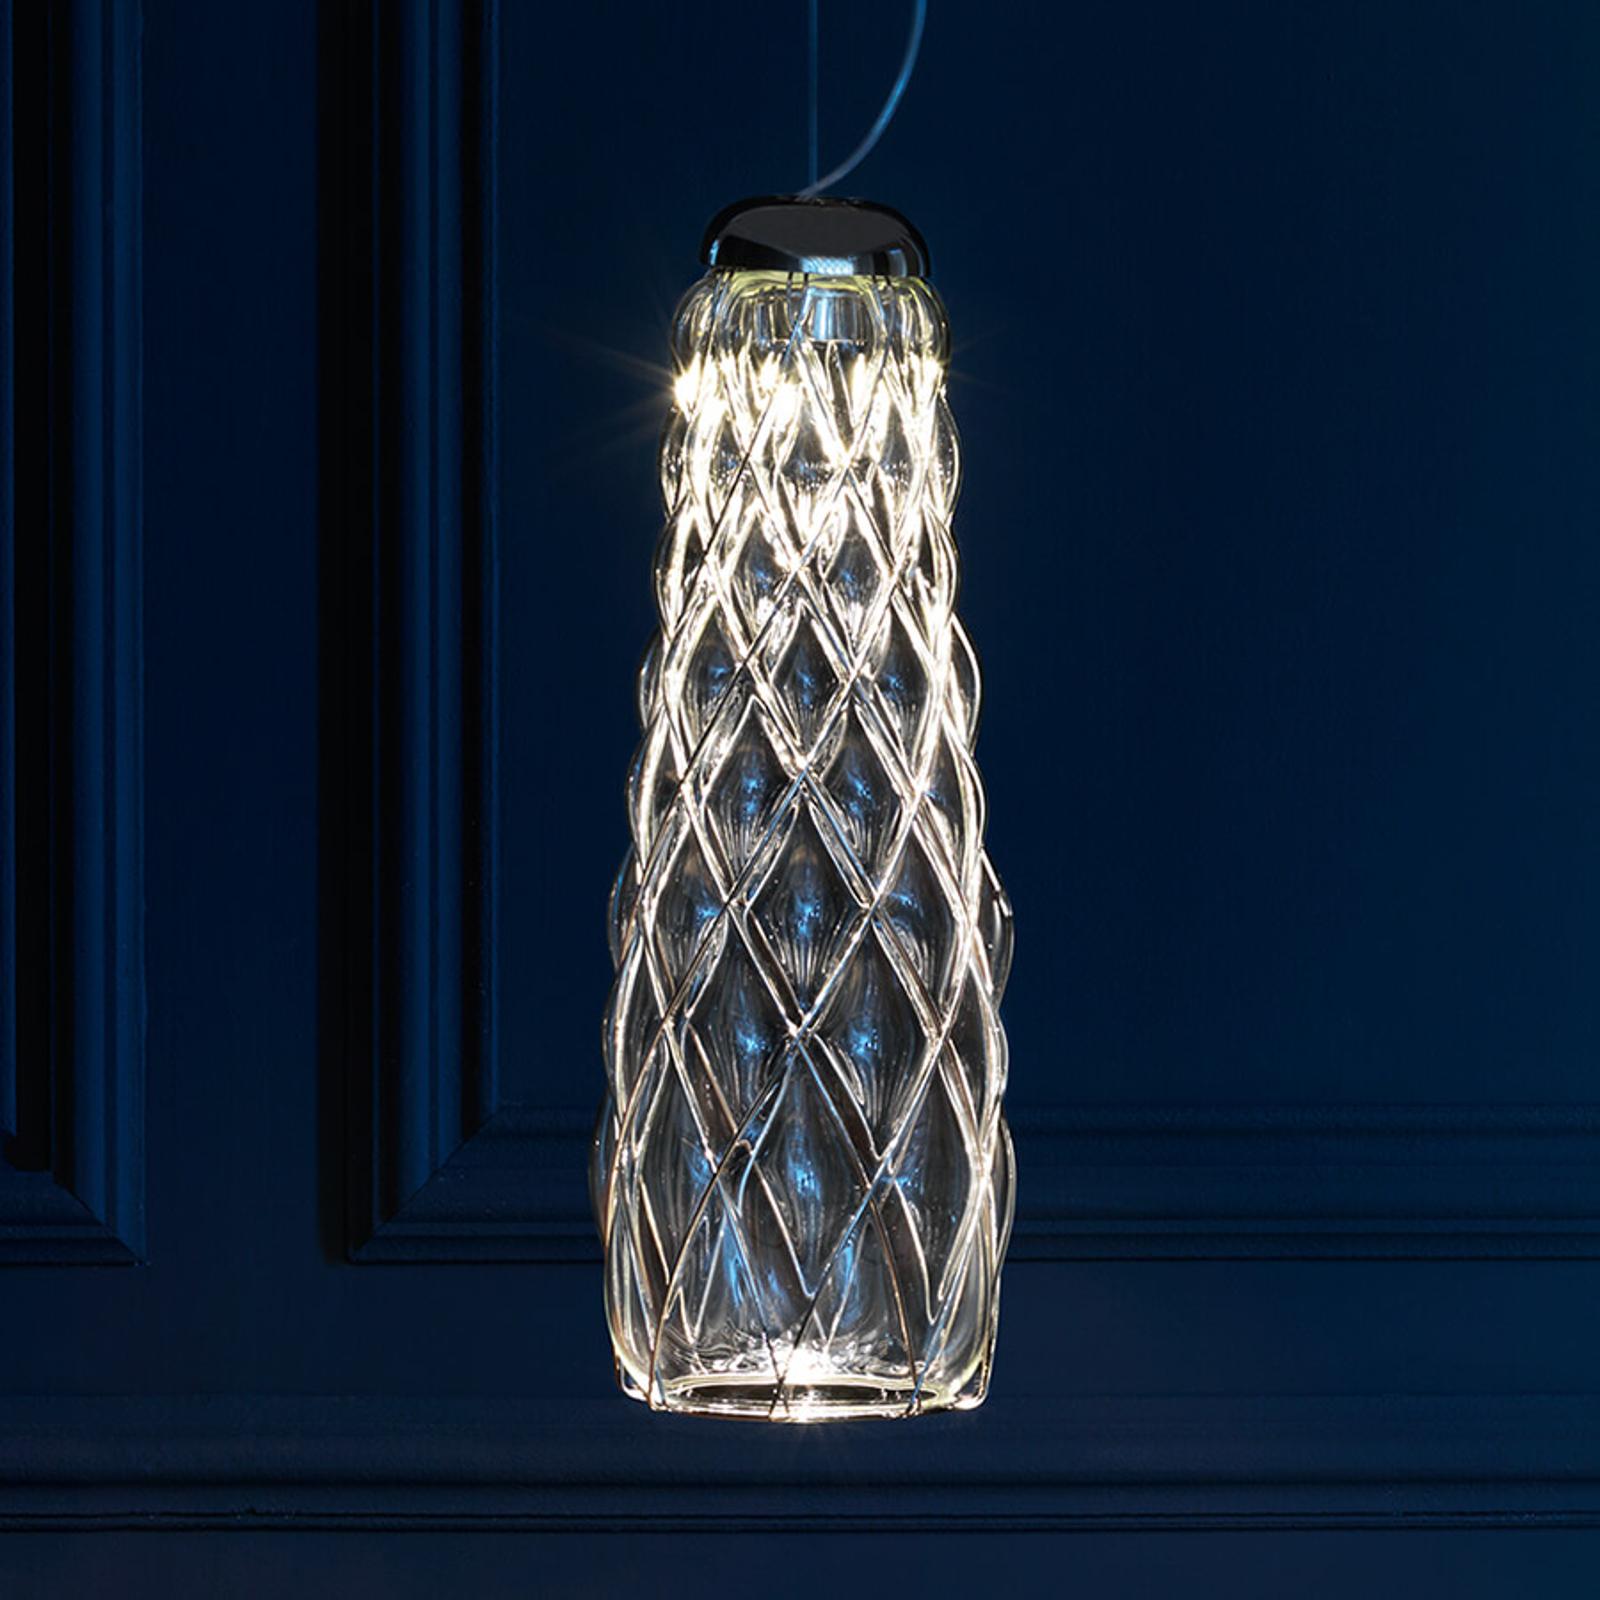 Handtillverkad LED-pendellampa Pinecone, klar